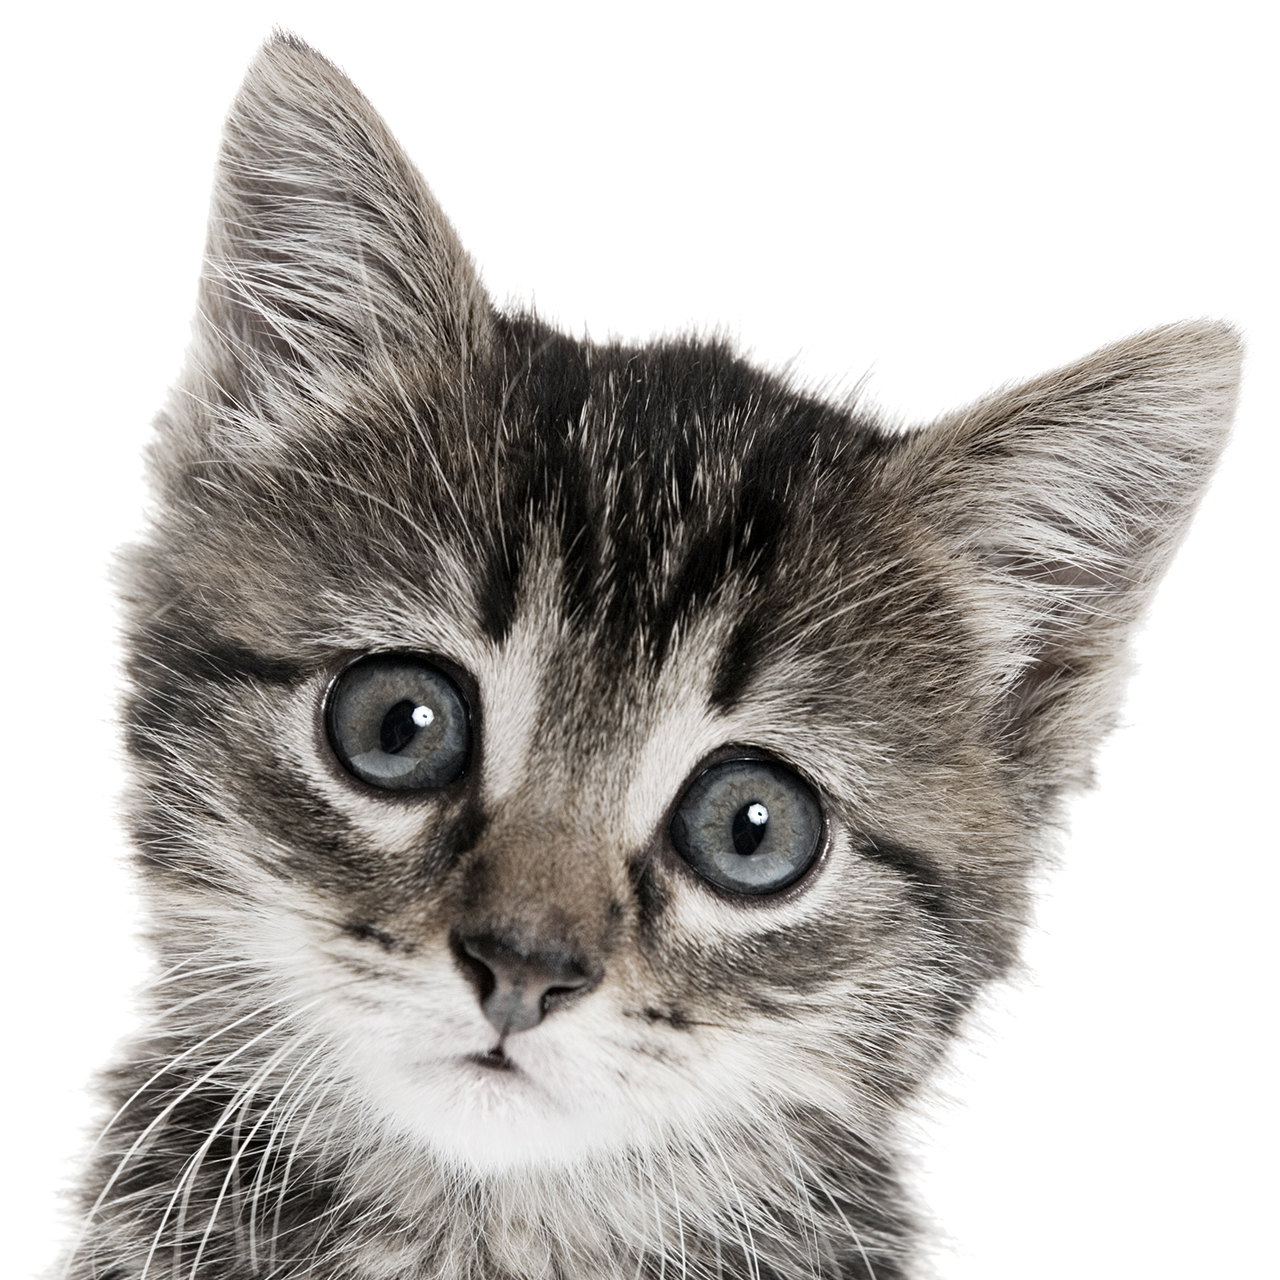 security-week-34-kitten